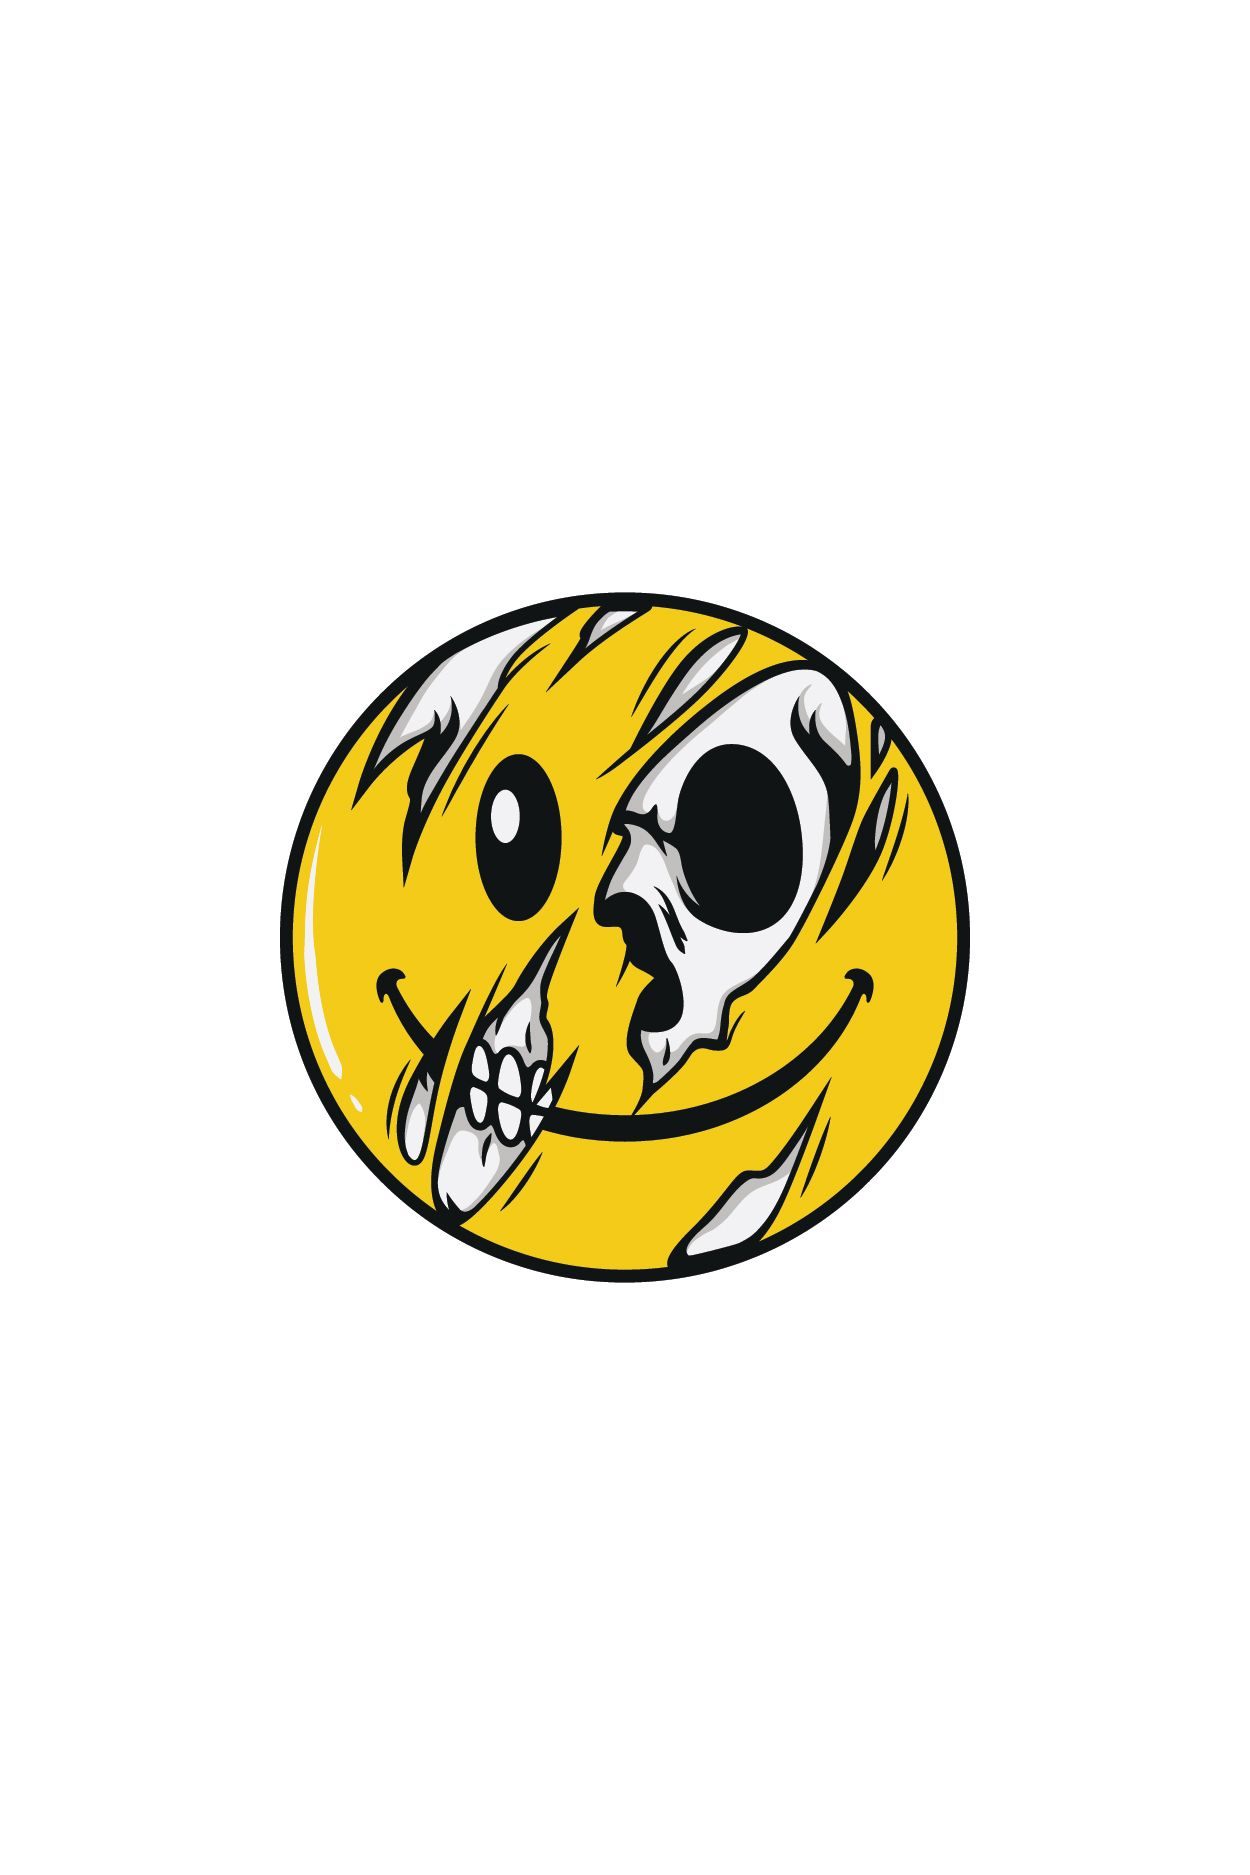 Pin By Valerie Barba On Random Skull Illustration Graphic Tshirt Design Skull Art